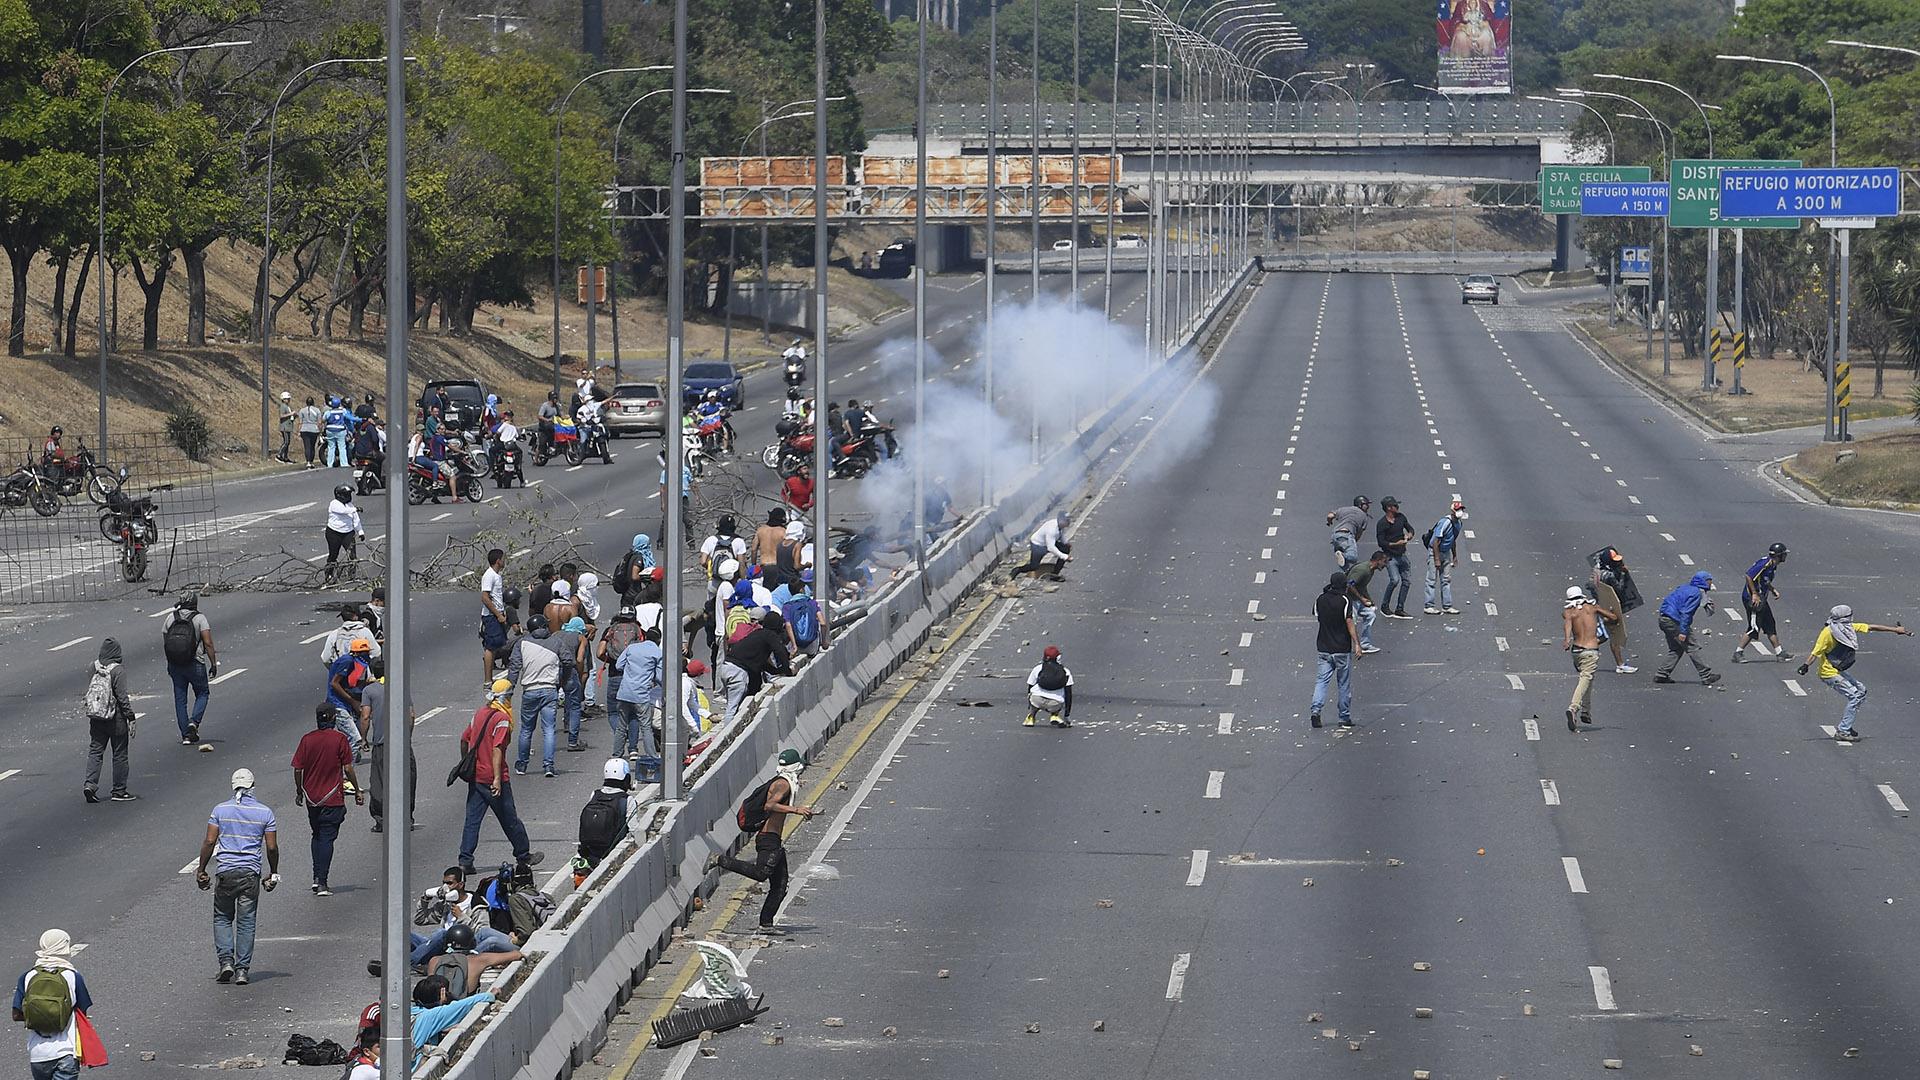 Las fuerzas del régimen de Maduro lanzaron gases lacrimógenos contra los manifestantes en Caracas (Federico PARRA / AFP)